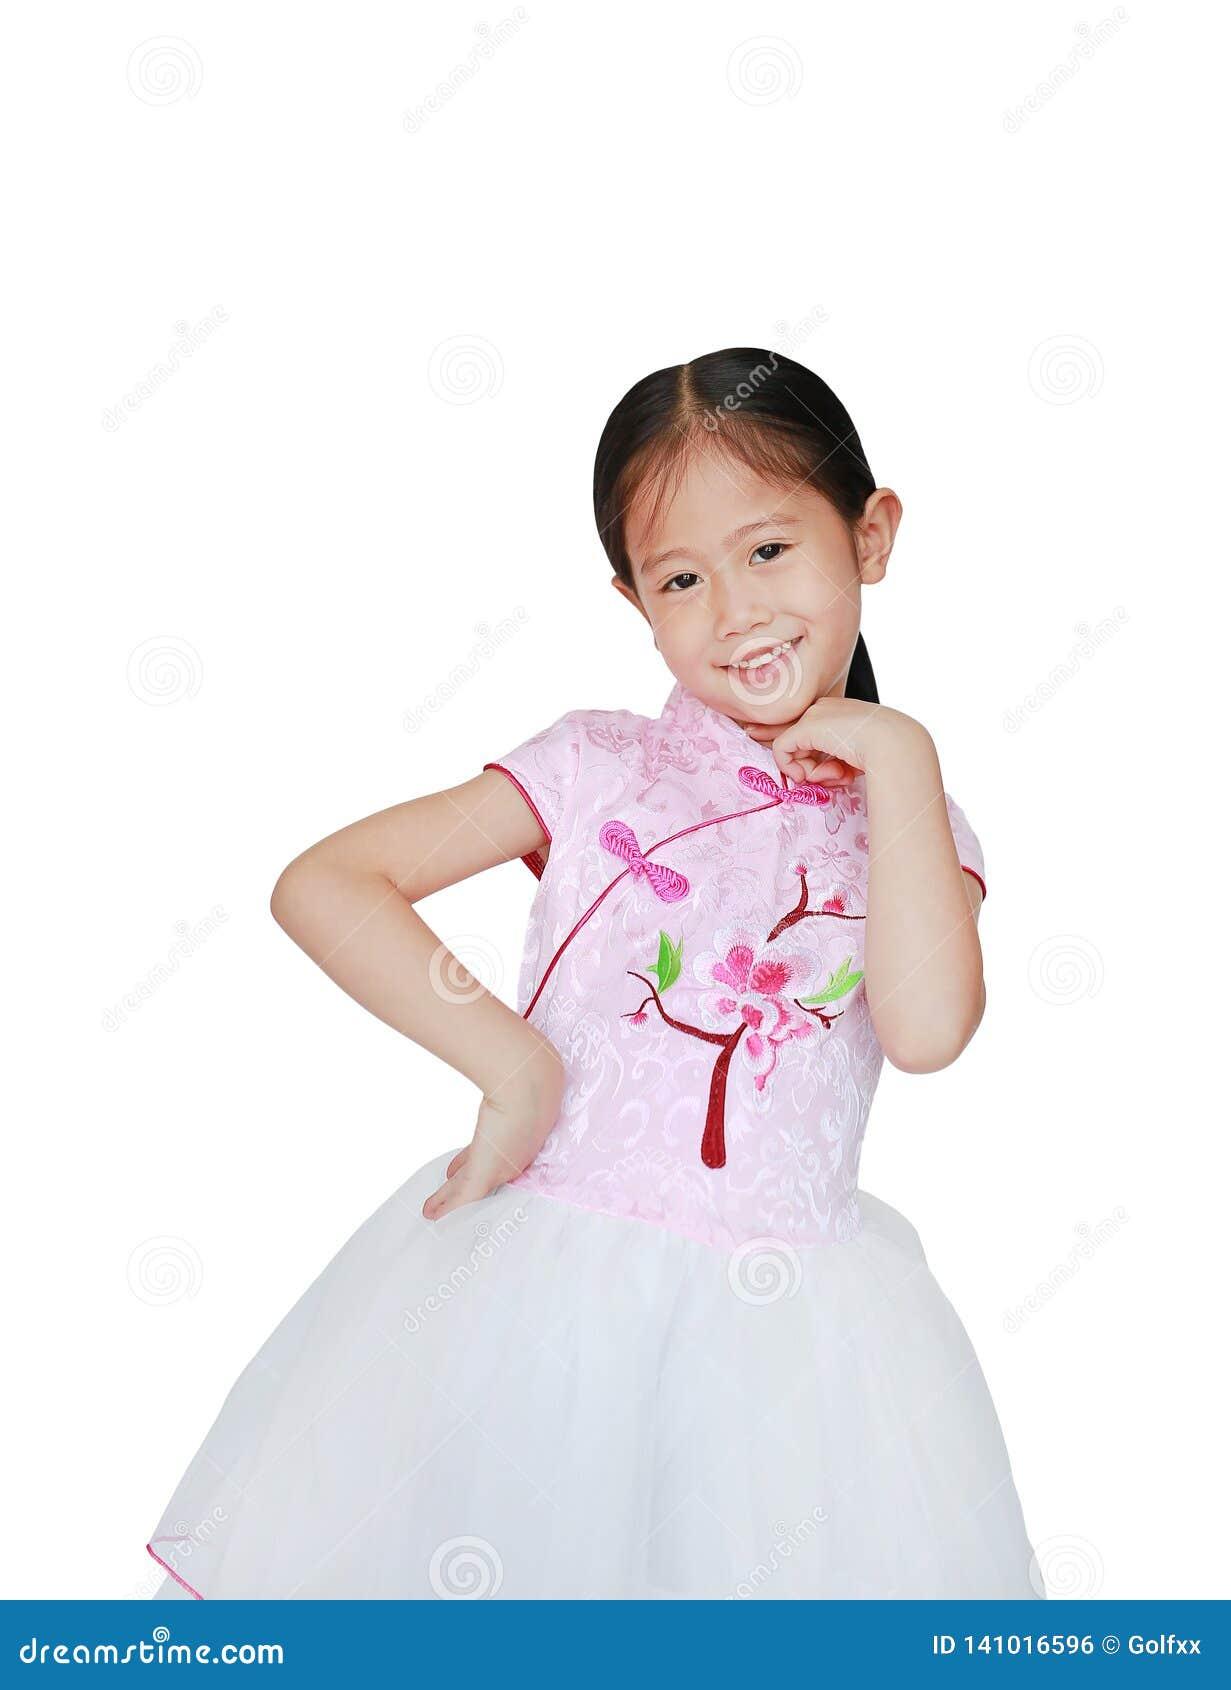 Vestido chinês vestindo da tradição do rosa da menina asiática pequena feliz da criança para a celebração chinesa do ano novo iso